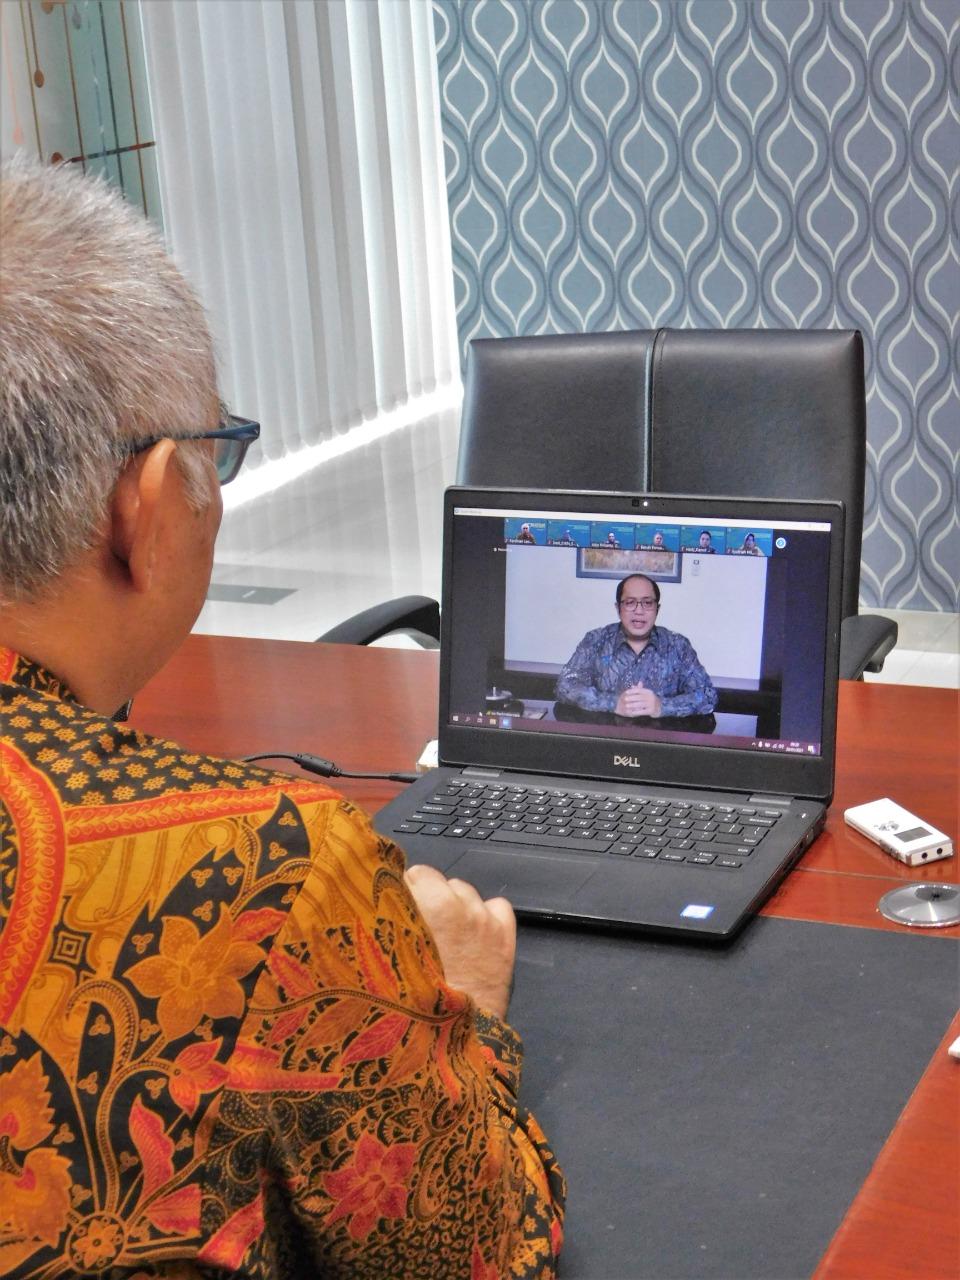 Penandatanganan Kontrak Kinerja Kemekeu-Two 2021, Isa Rachmatarwata : Tiga Faktor Kunci Capai Kesuksesan